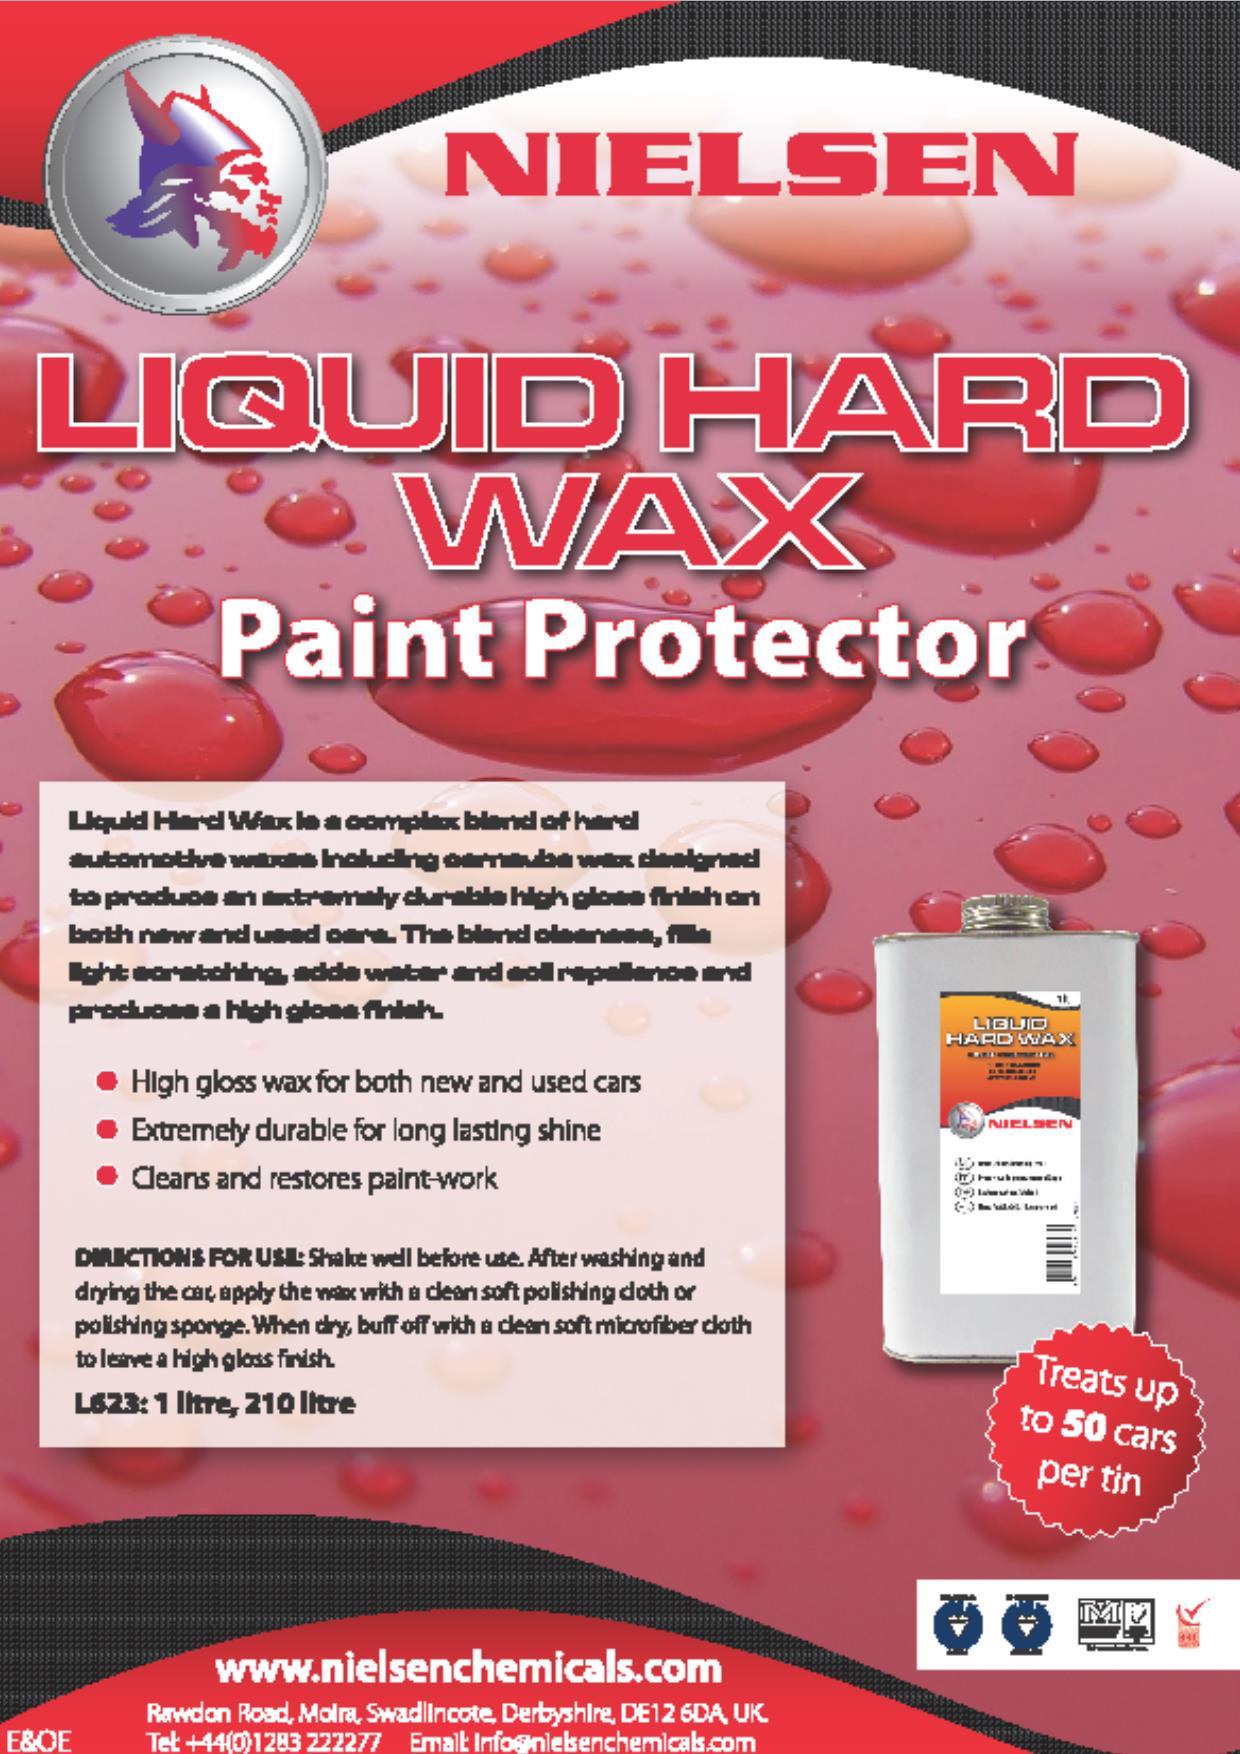 Nielsens Liquid Hard Wax